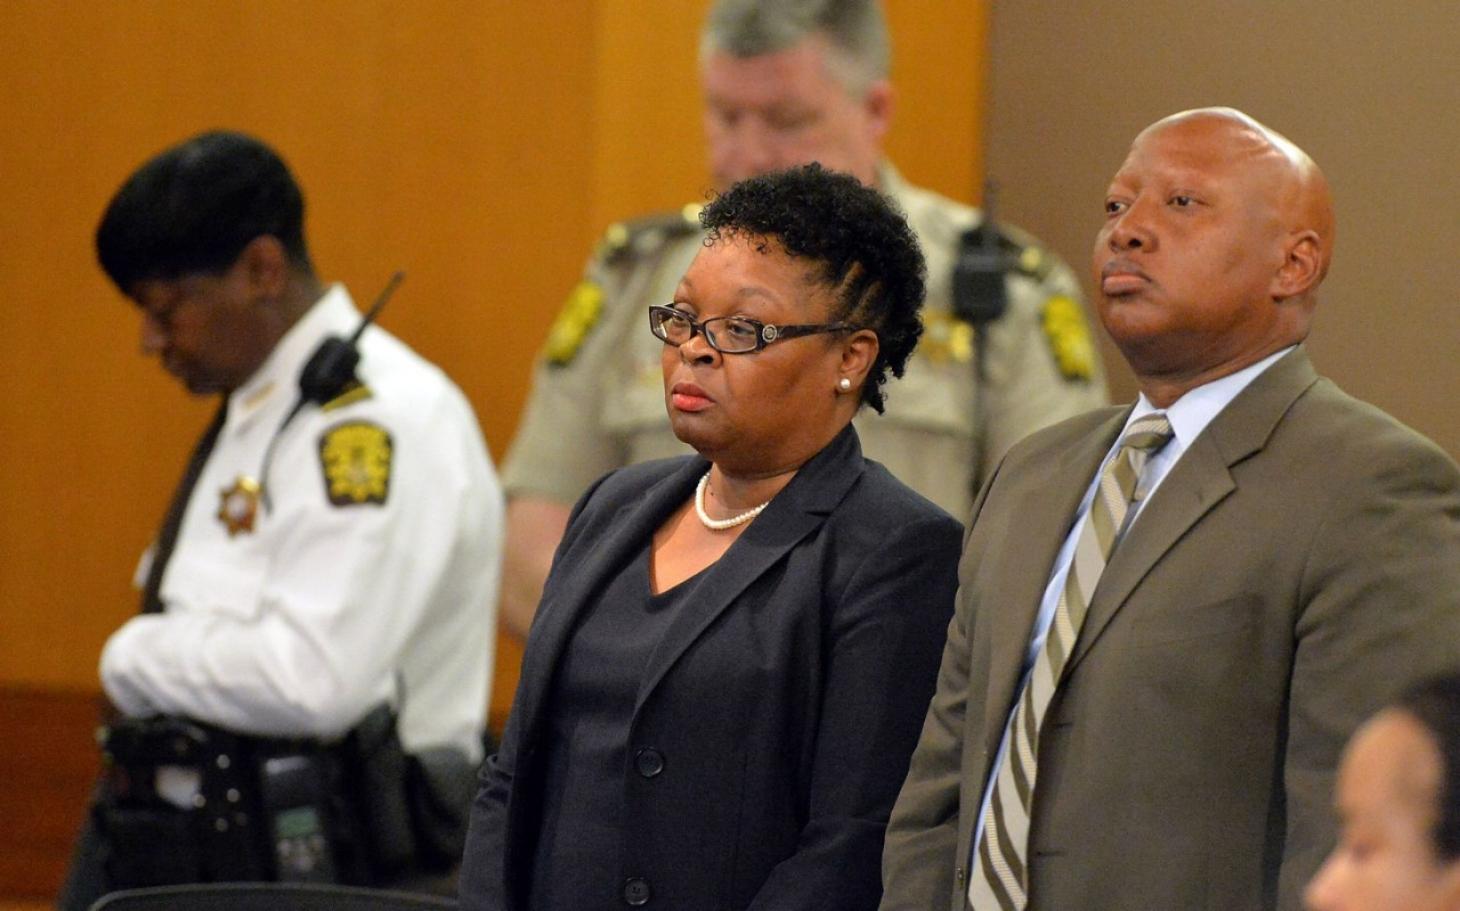 Cheating Case In Atlanta : Prison for ex educators in atlanta cheating case al jazeera america